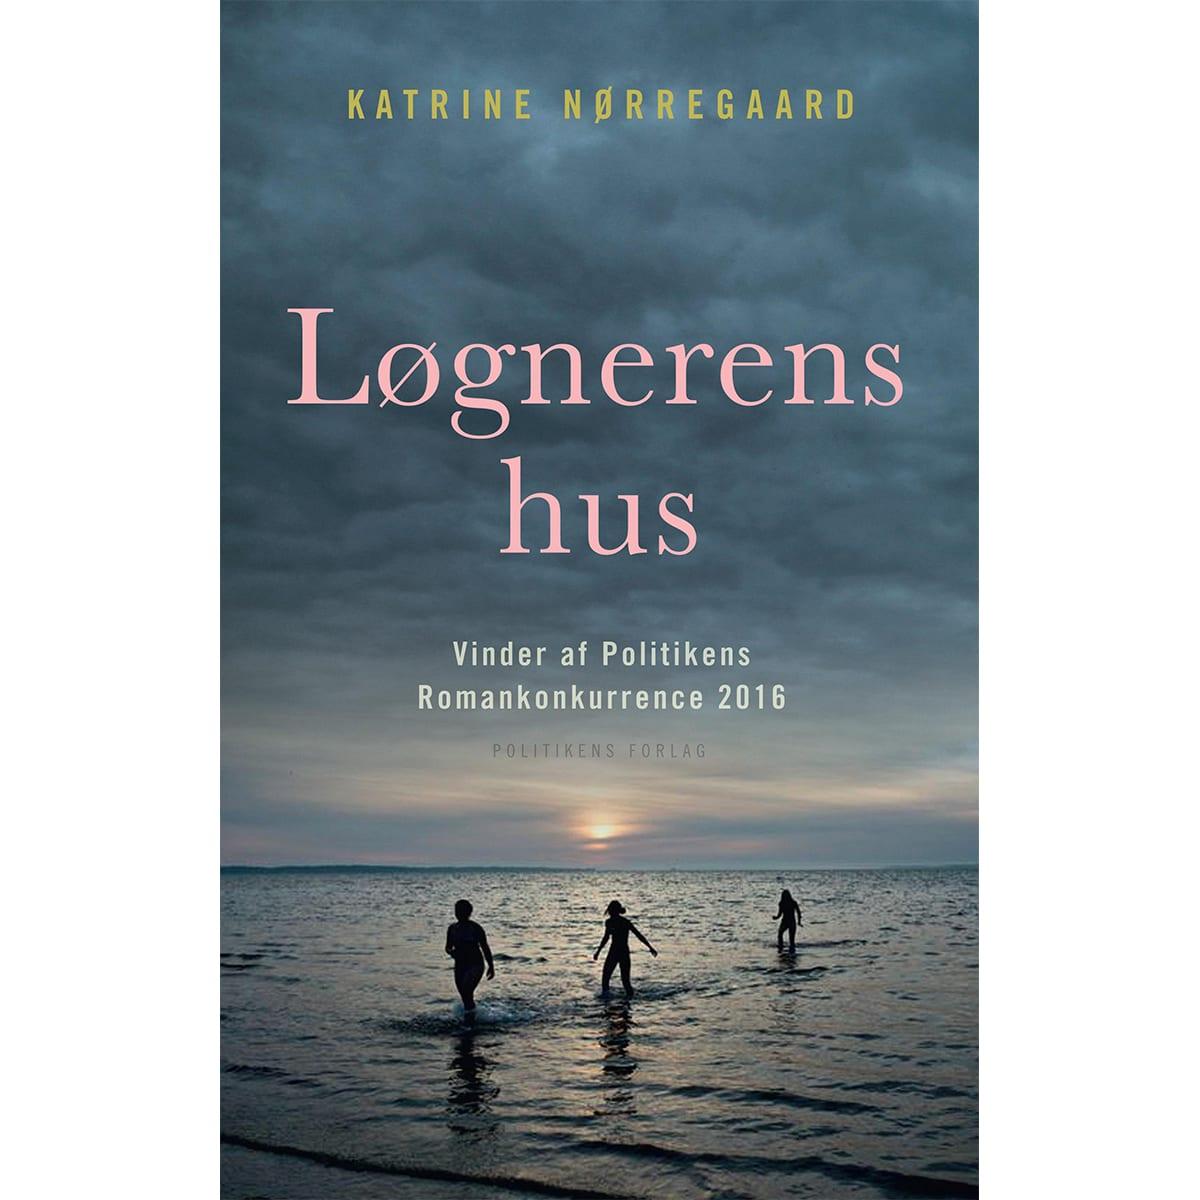 Af Katrine Nørregaard